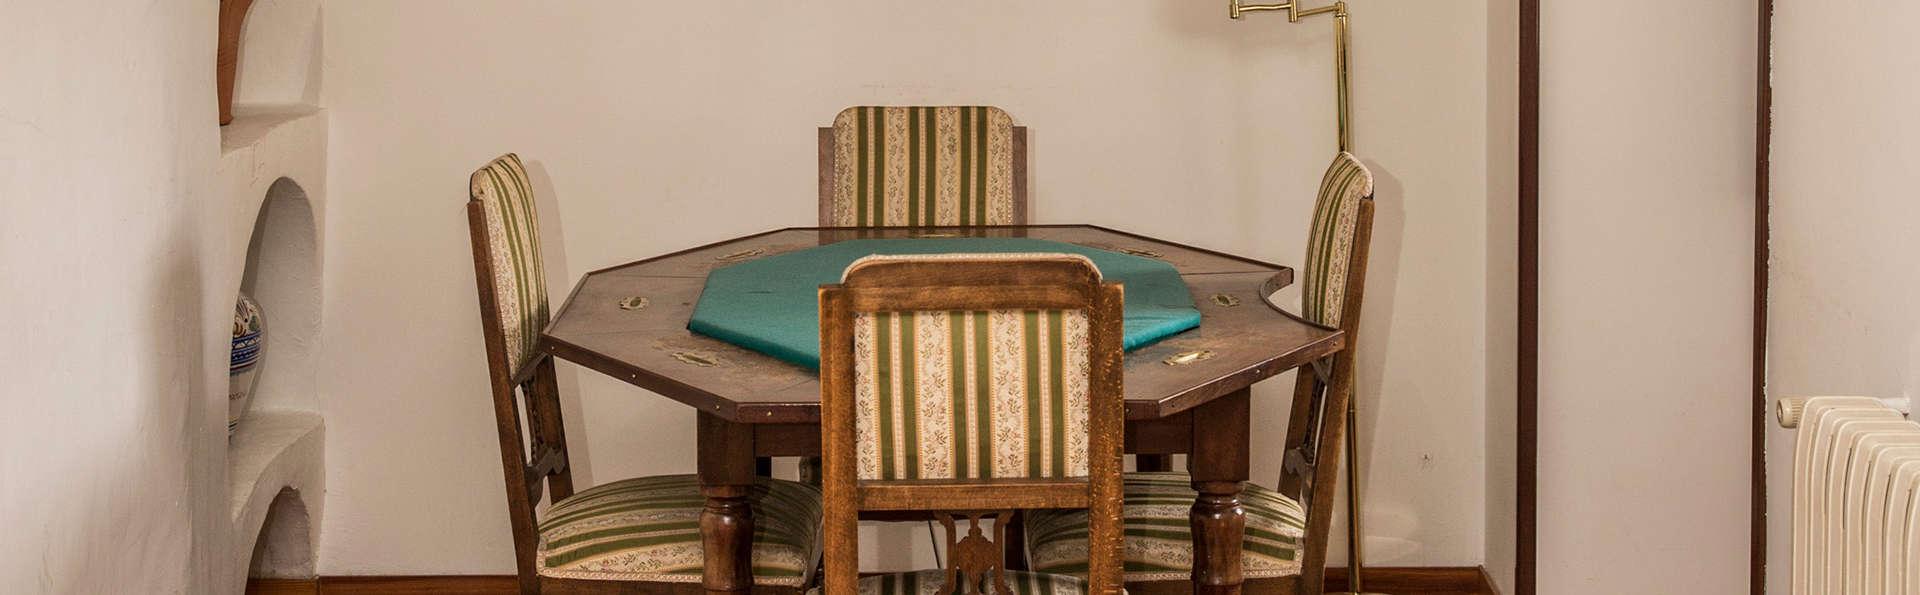 Hostería de San Millan - EDIT_comedor.jpg